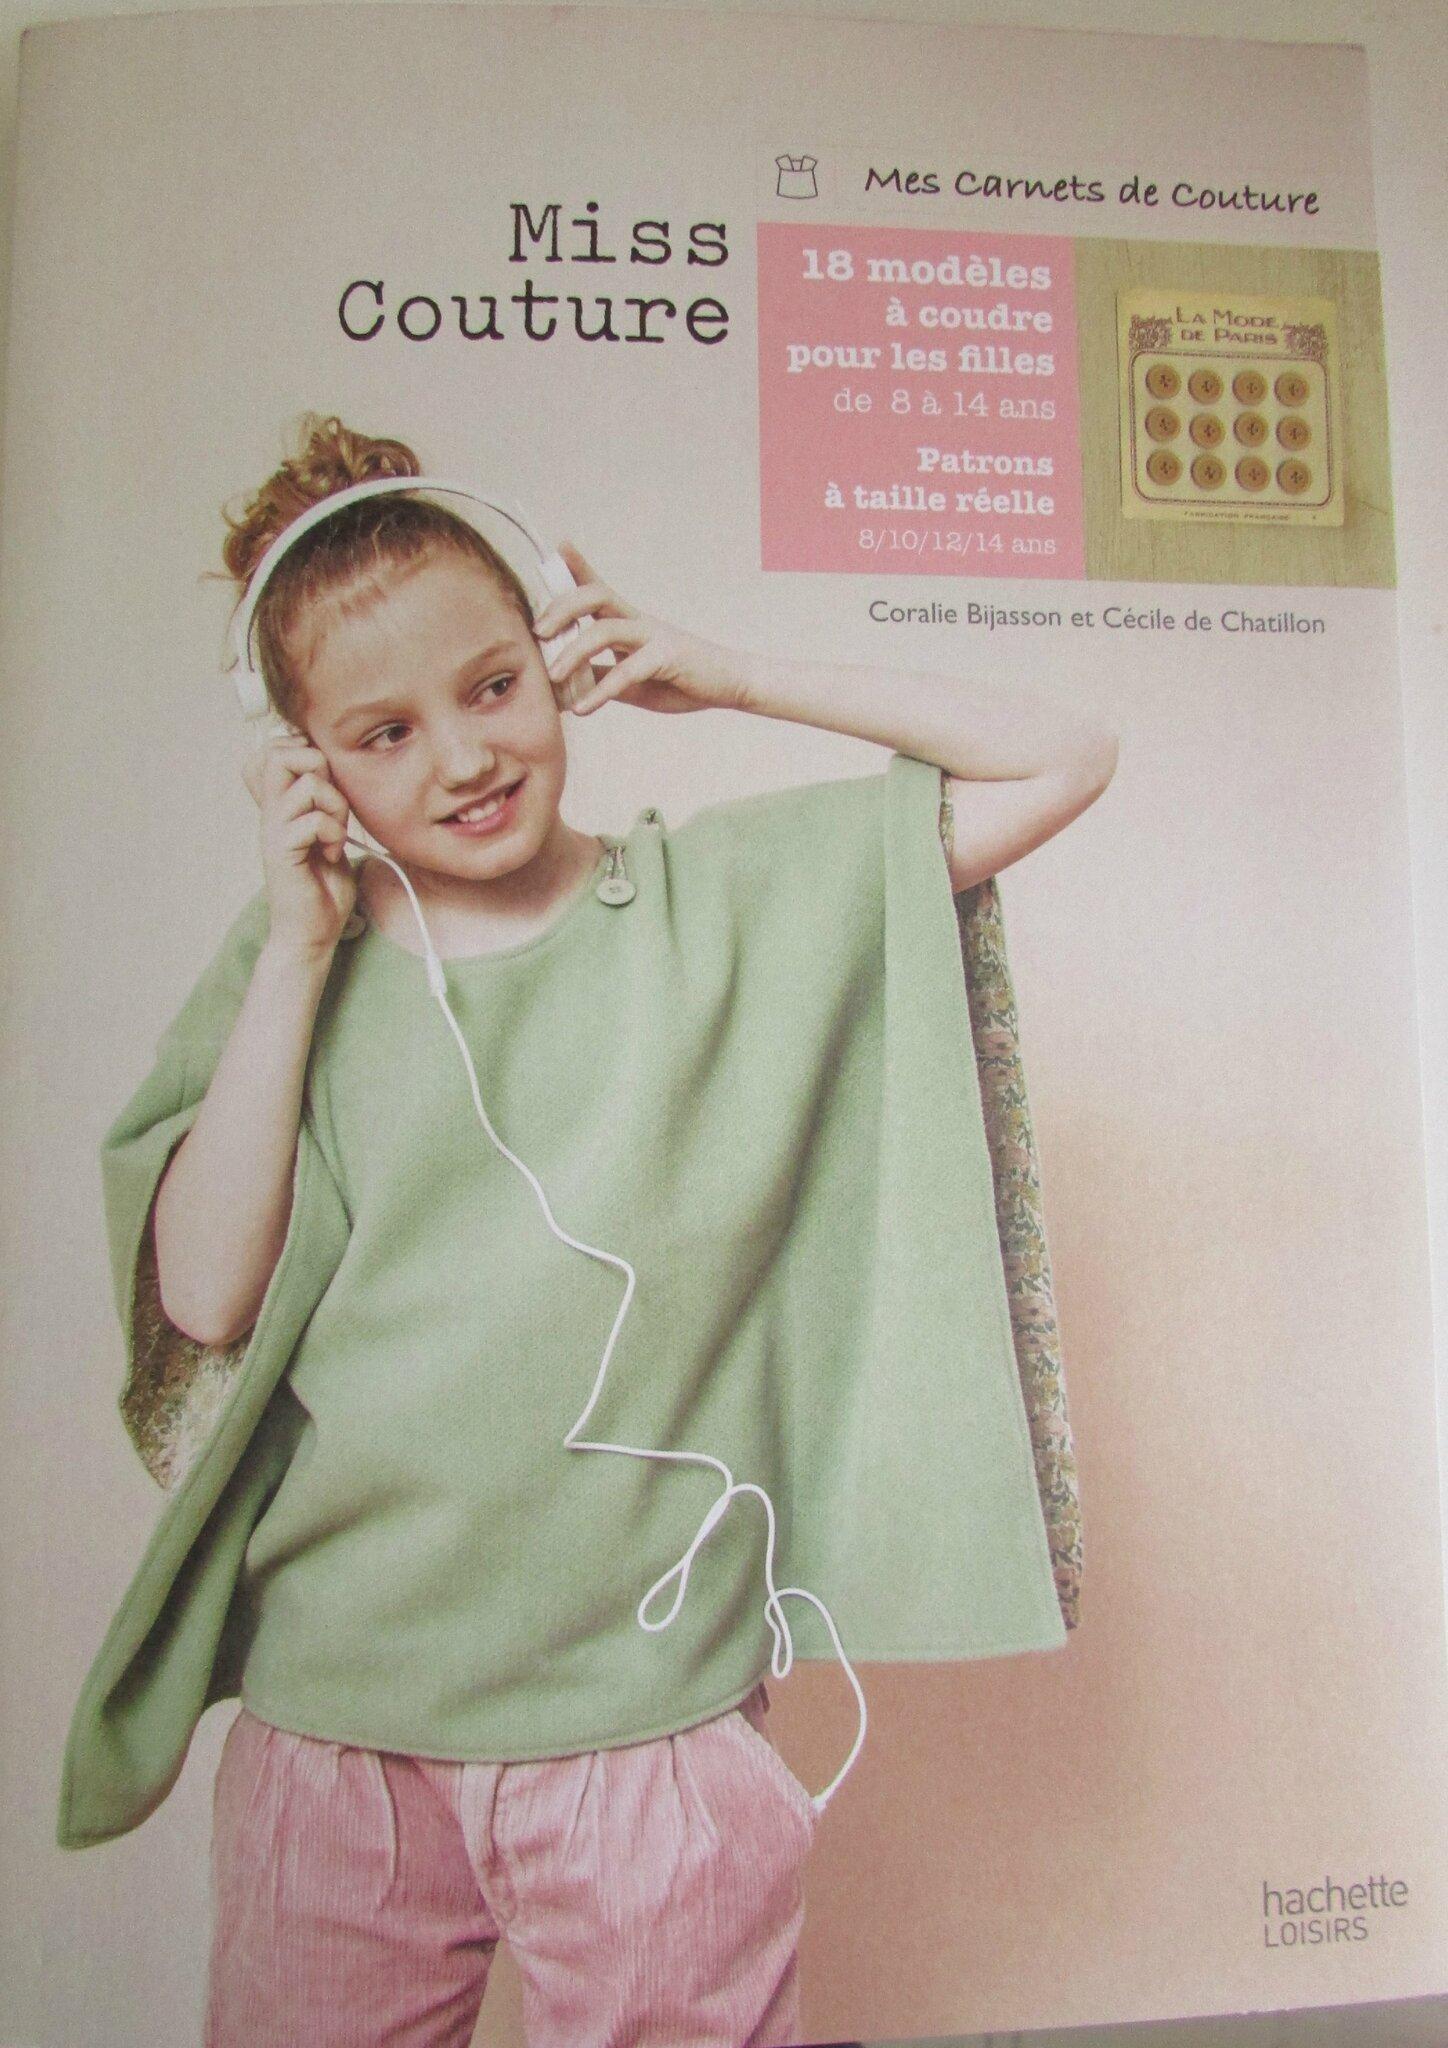 Petite fiche de lecture : Miss Couture, Mes Carnets de Couture